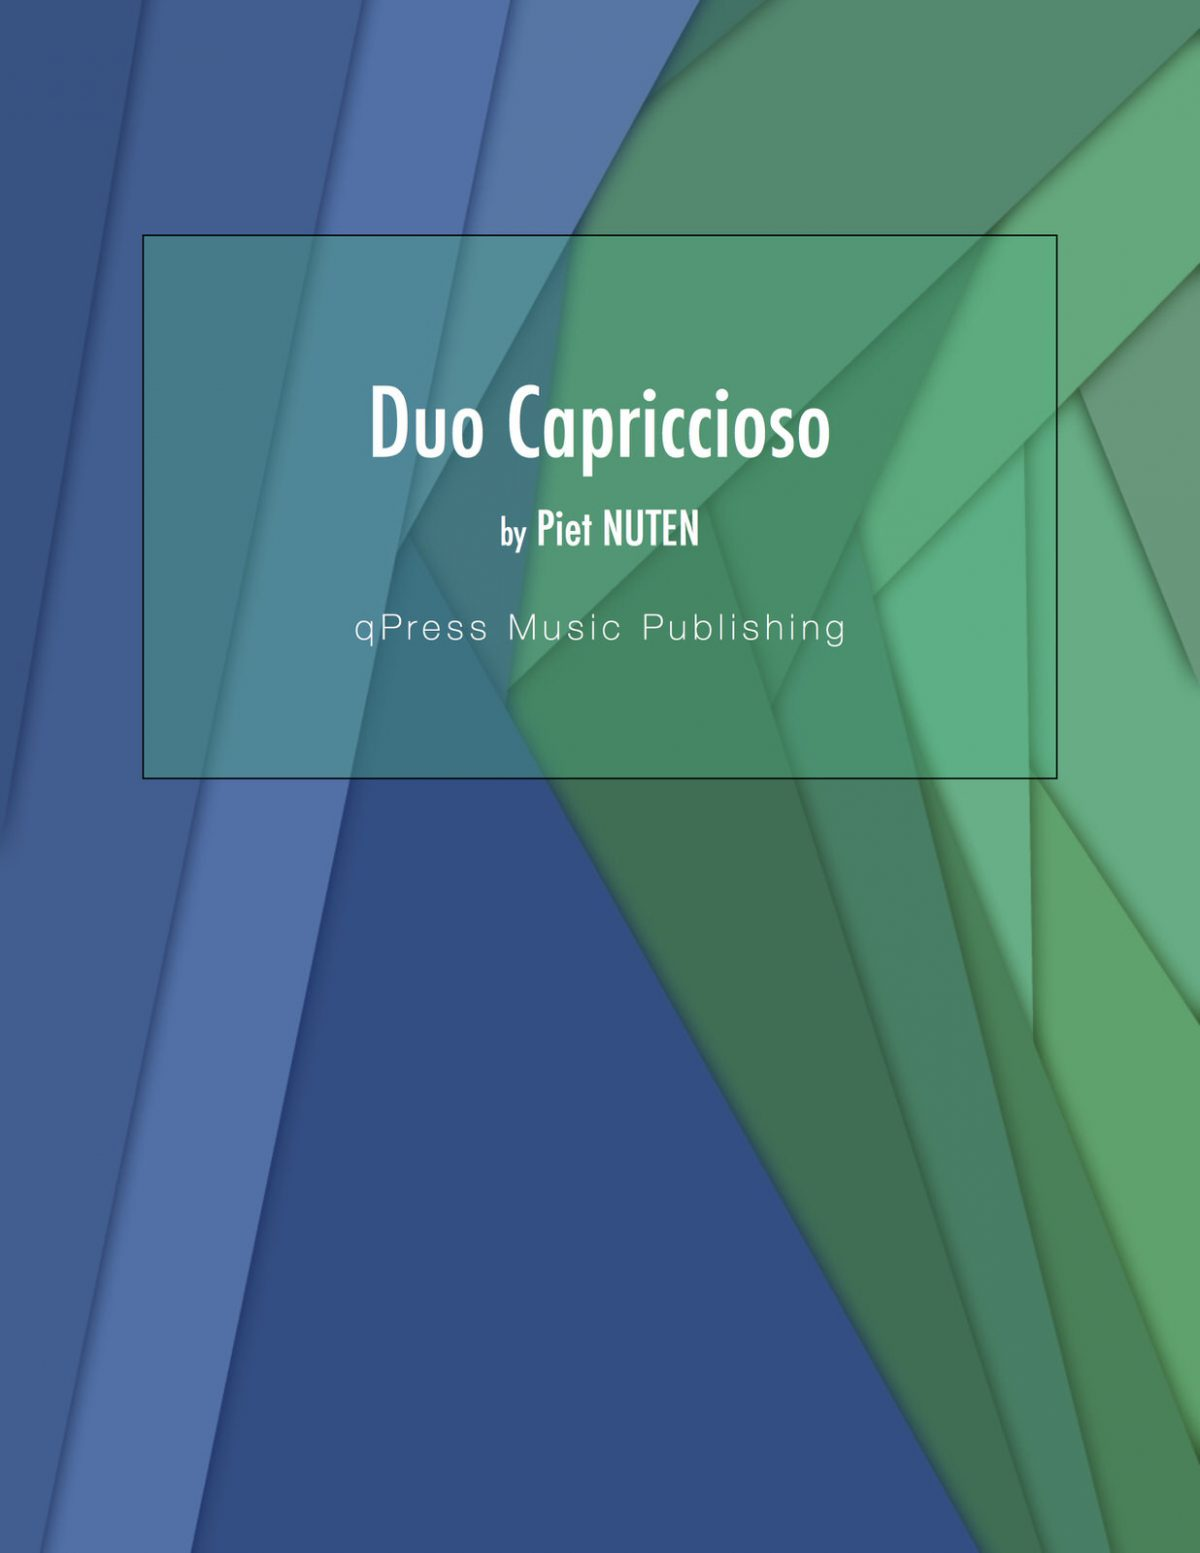 Nuten, Duo Capriccioso